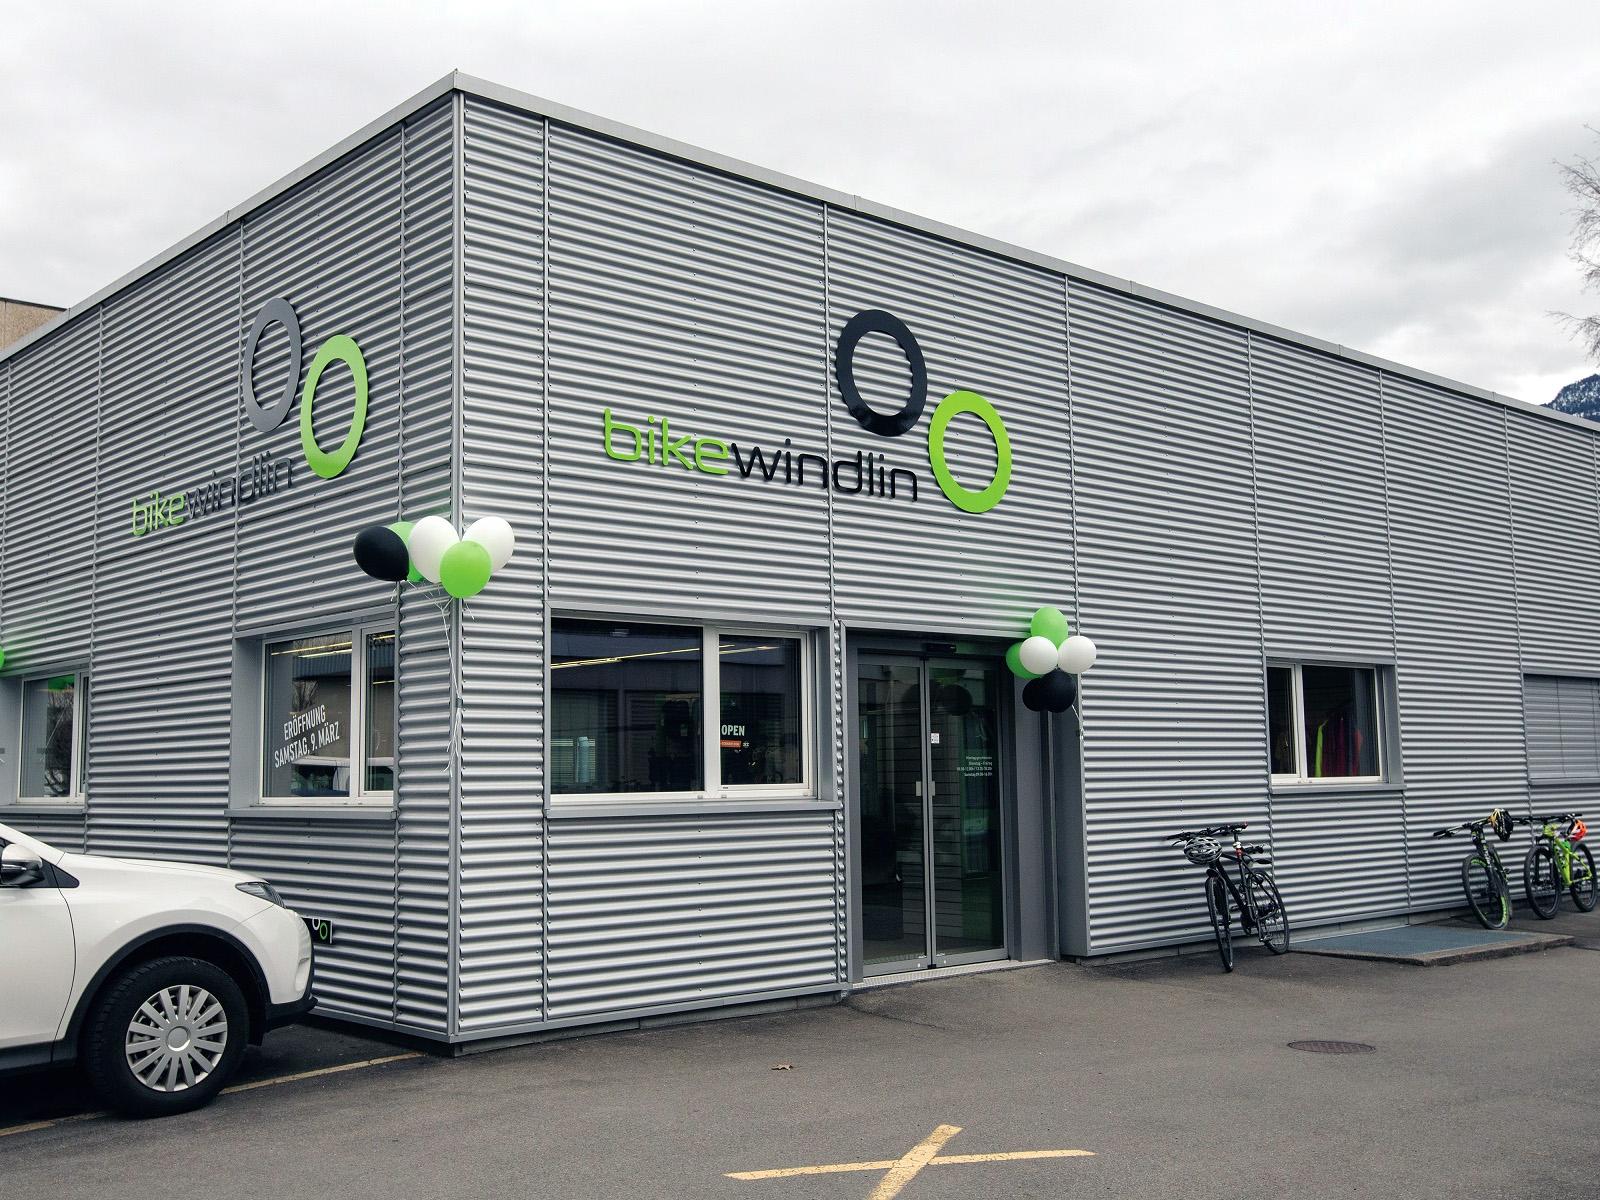 Bike Windlin GmbH